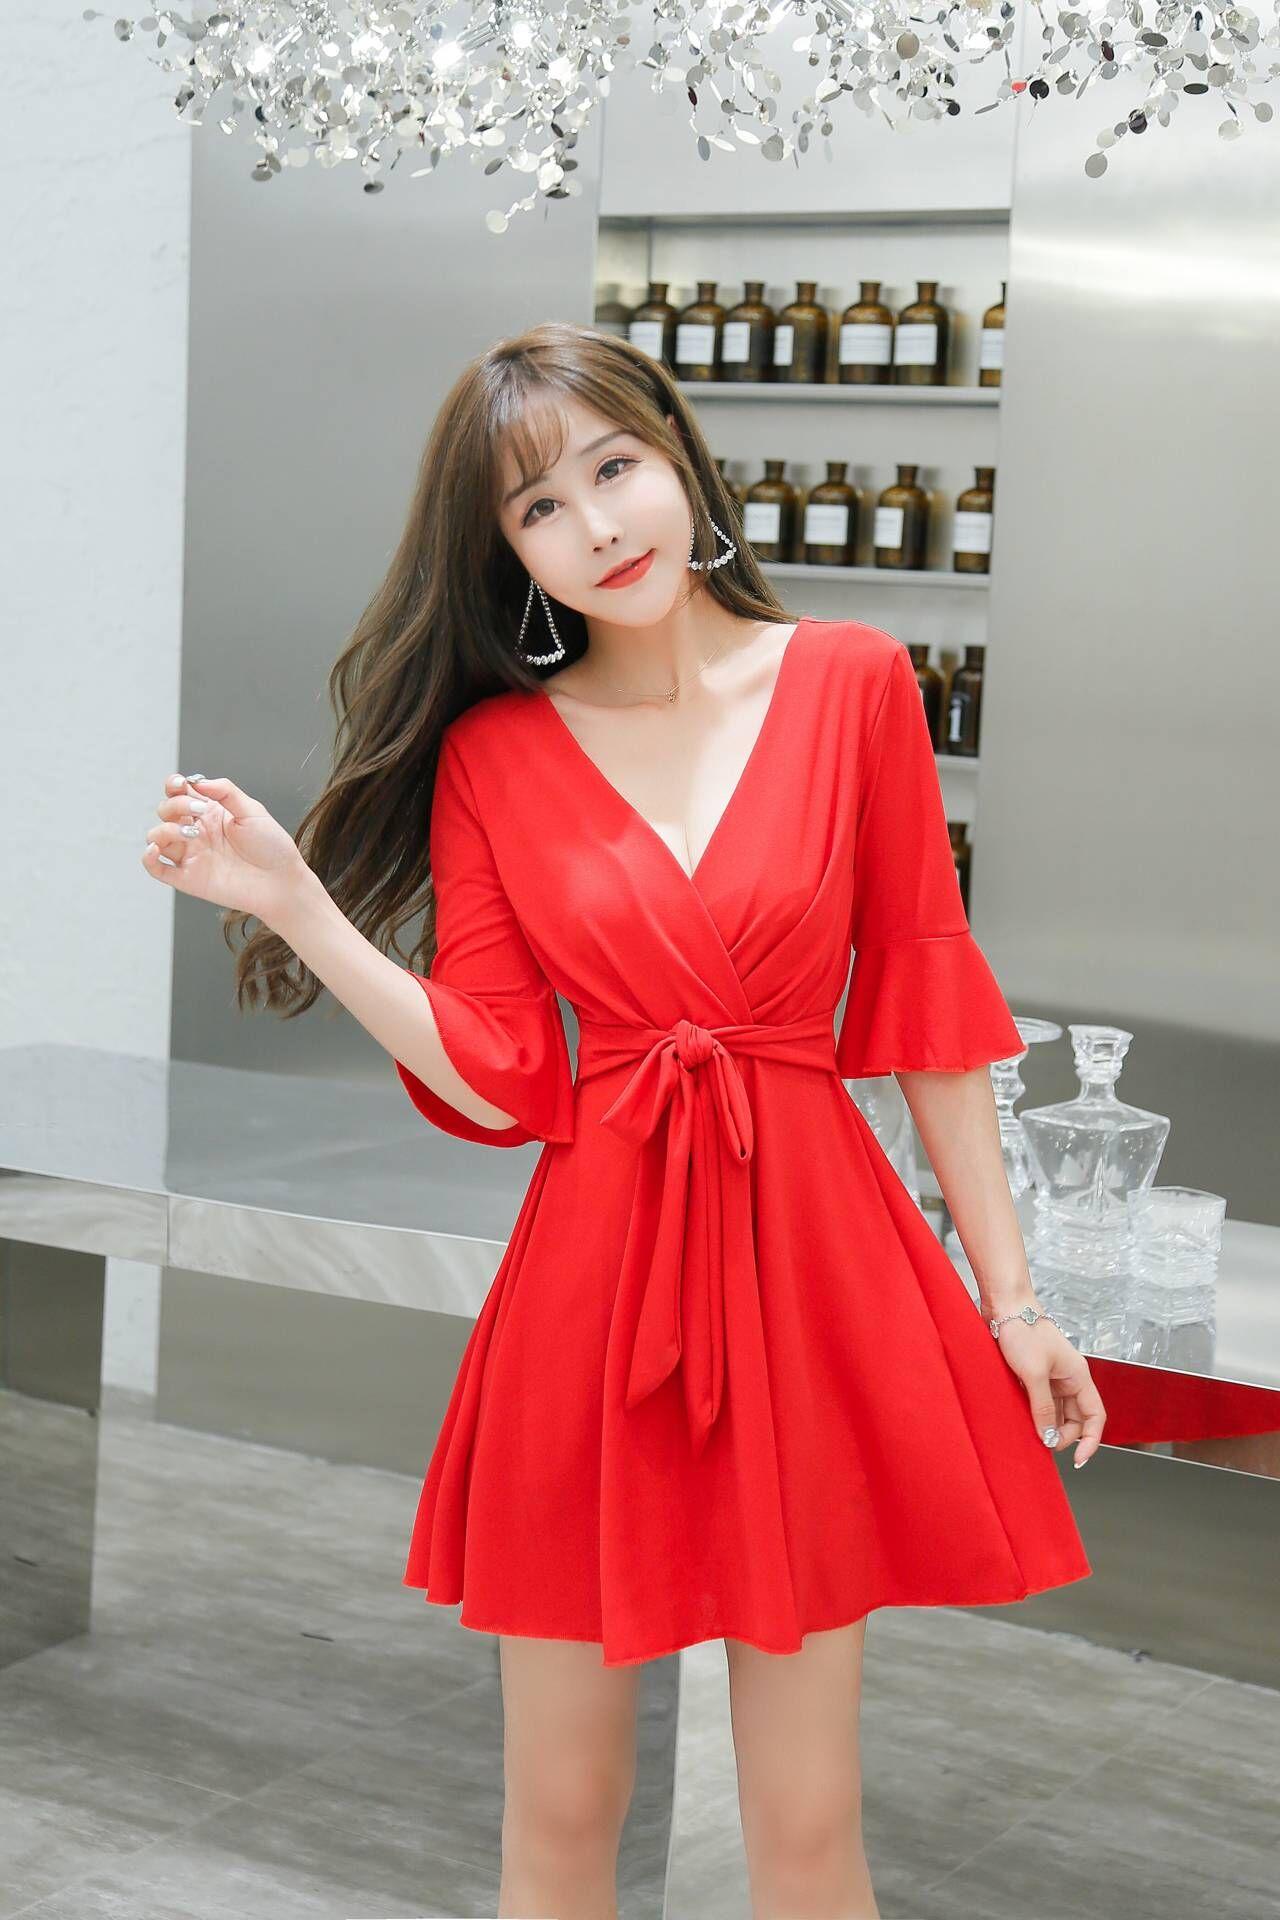 Новинка 2021, женская одежда для ночного клуба, соблазнительное платье для сауны, рабочая одежда для похудения